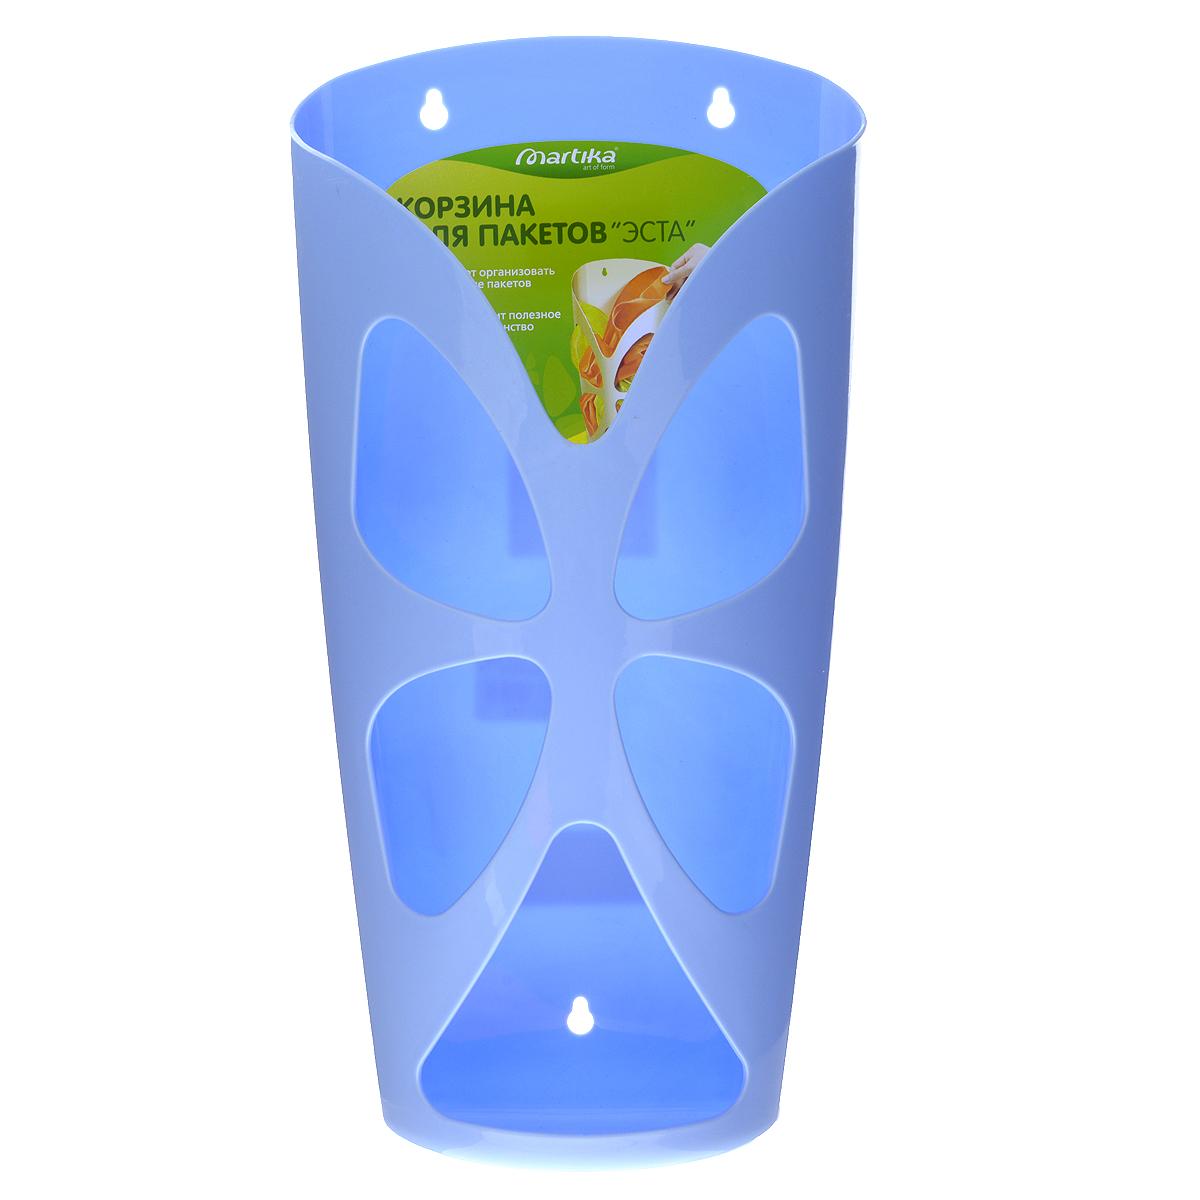 Корзина для пакетов Martika Эста, цвет: голубой. С683С683Корзина для пакетов Martika Эста изготовлена из высококачественного пластика. Эта практичная корзина наведет порядок в кладовке или кухонном шкафу и позволит хранить пакеты или хозяйственные сумочки во всегда доступном месте! Изделие декорировано резным изображением бабочки. Корзина просто подвешивается на дверь шкафчика изнутри или снаружи, в зависимости от назначения. Корзина для пакетов Martika Эста будет замечательным подарком для поддержания чистоты и порядка. Она сэкономит место, гармонично впишется в интерьер и будет радовать вас уникальным дизайном.